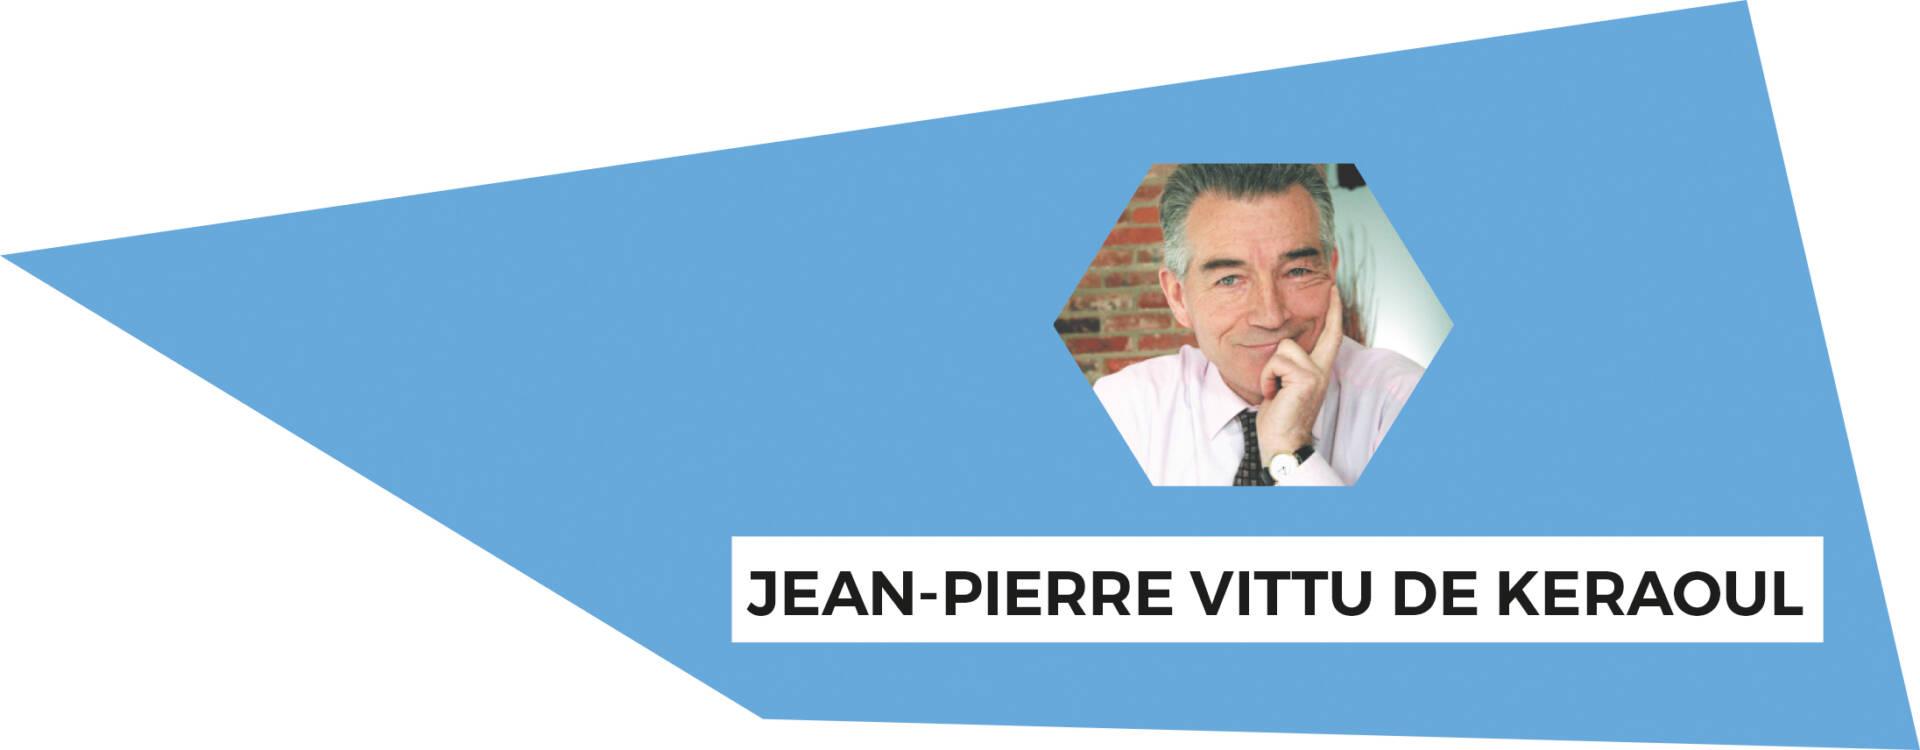 JEAN PIERRE VITTU DE KERAOUL